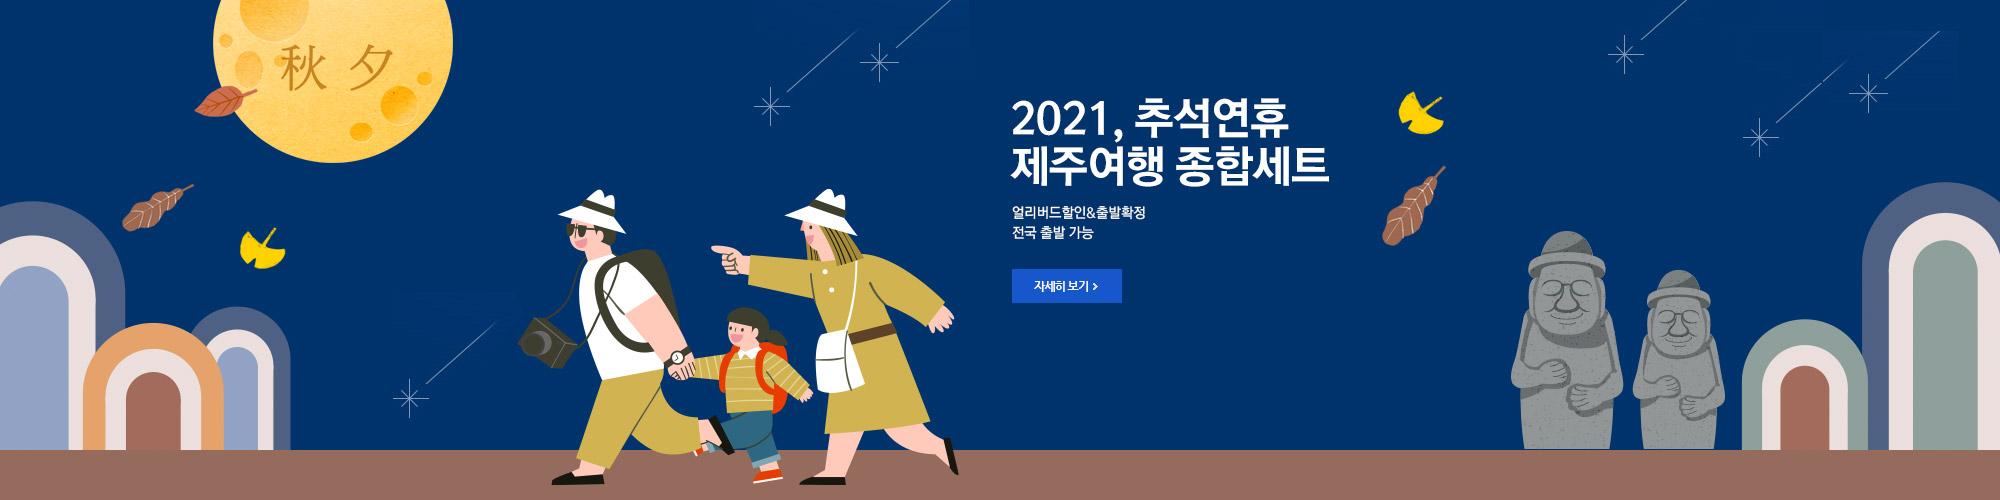 [2021년]제주 추석연휴